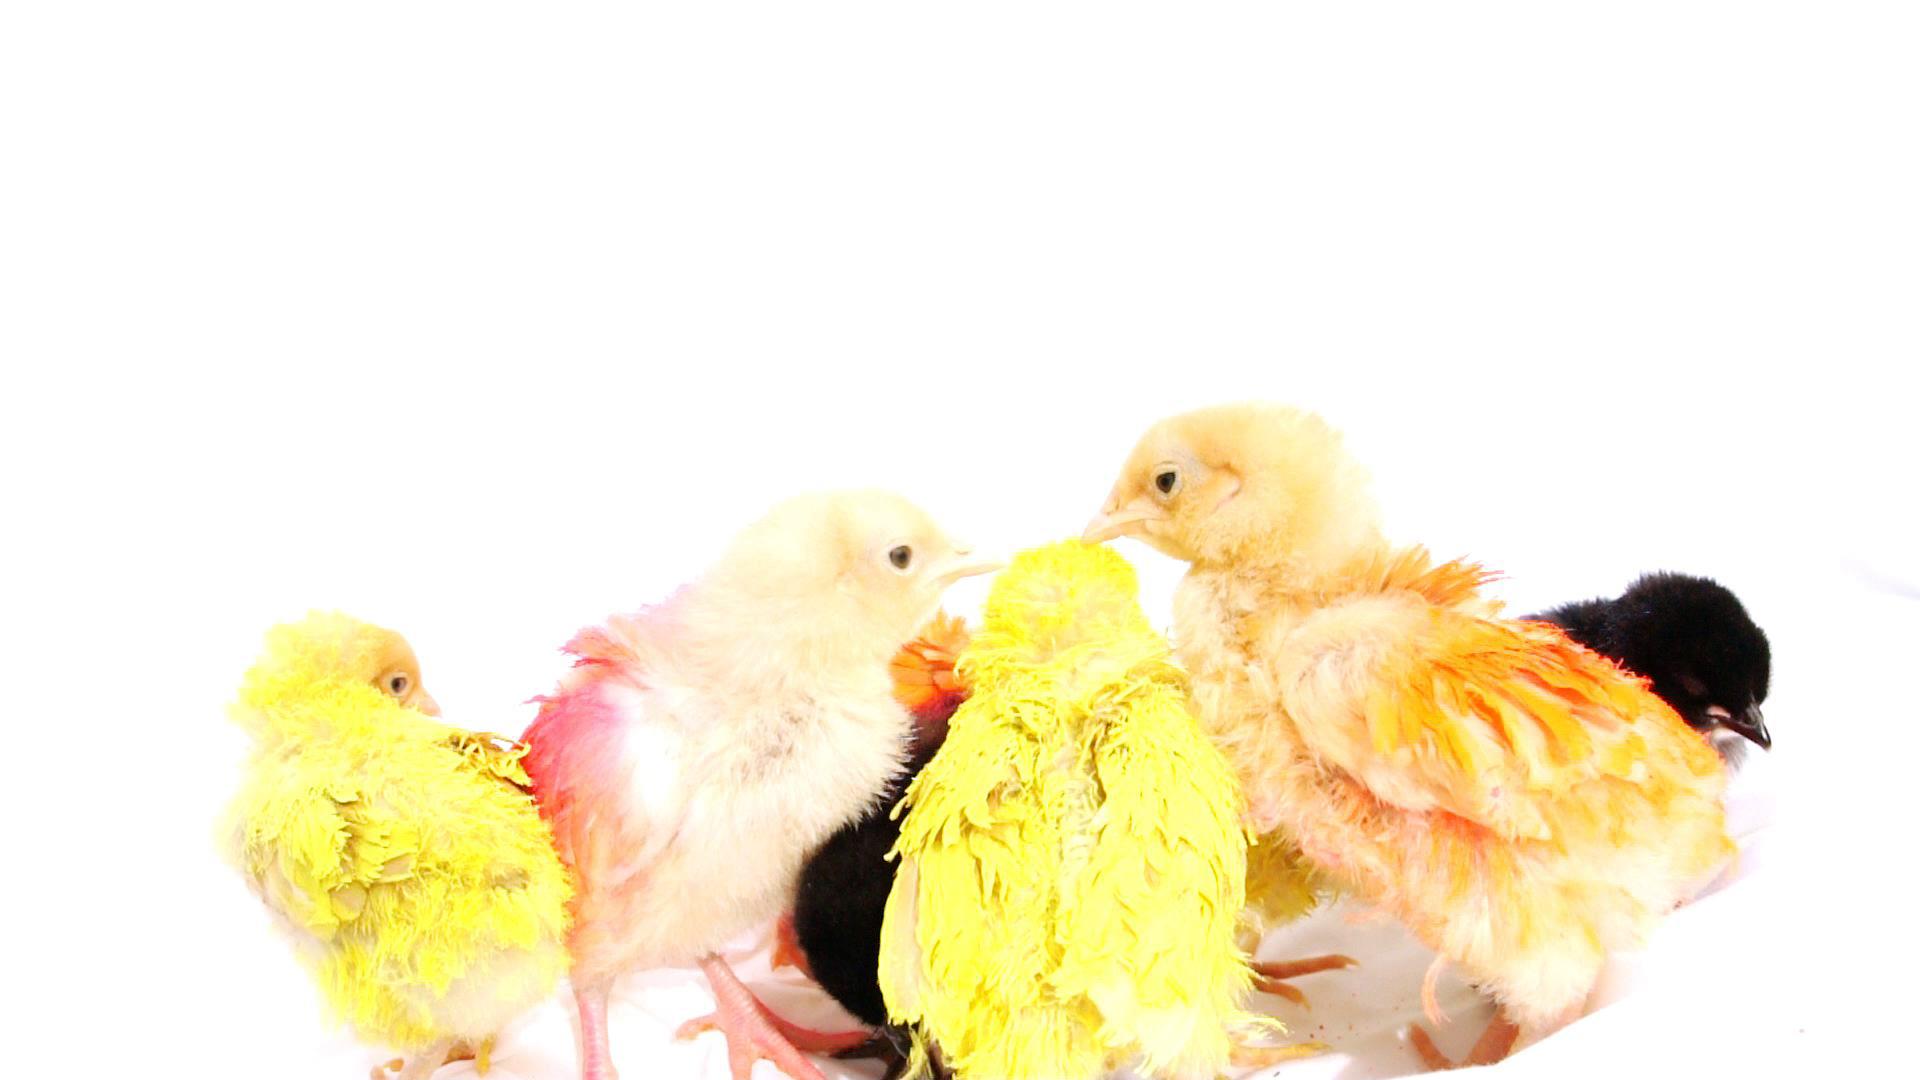 """Still from, """"Chicks+Cock,"""" by MarieVic, digital video, 2015"""